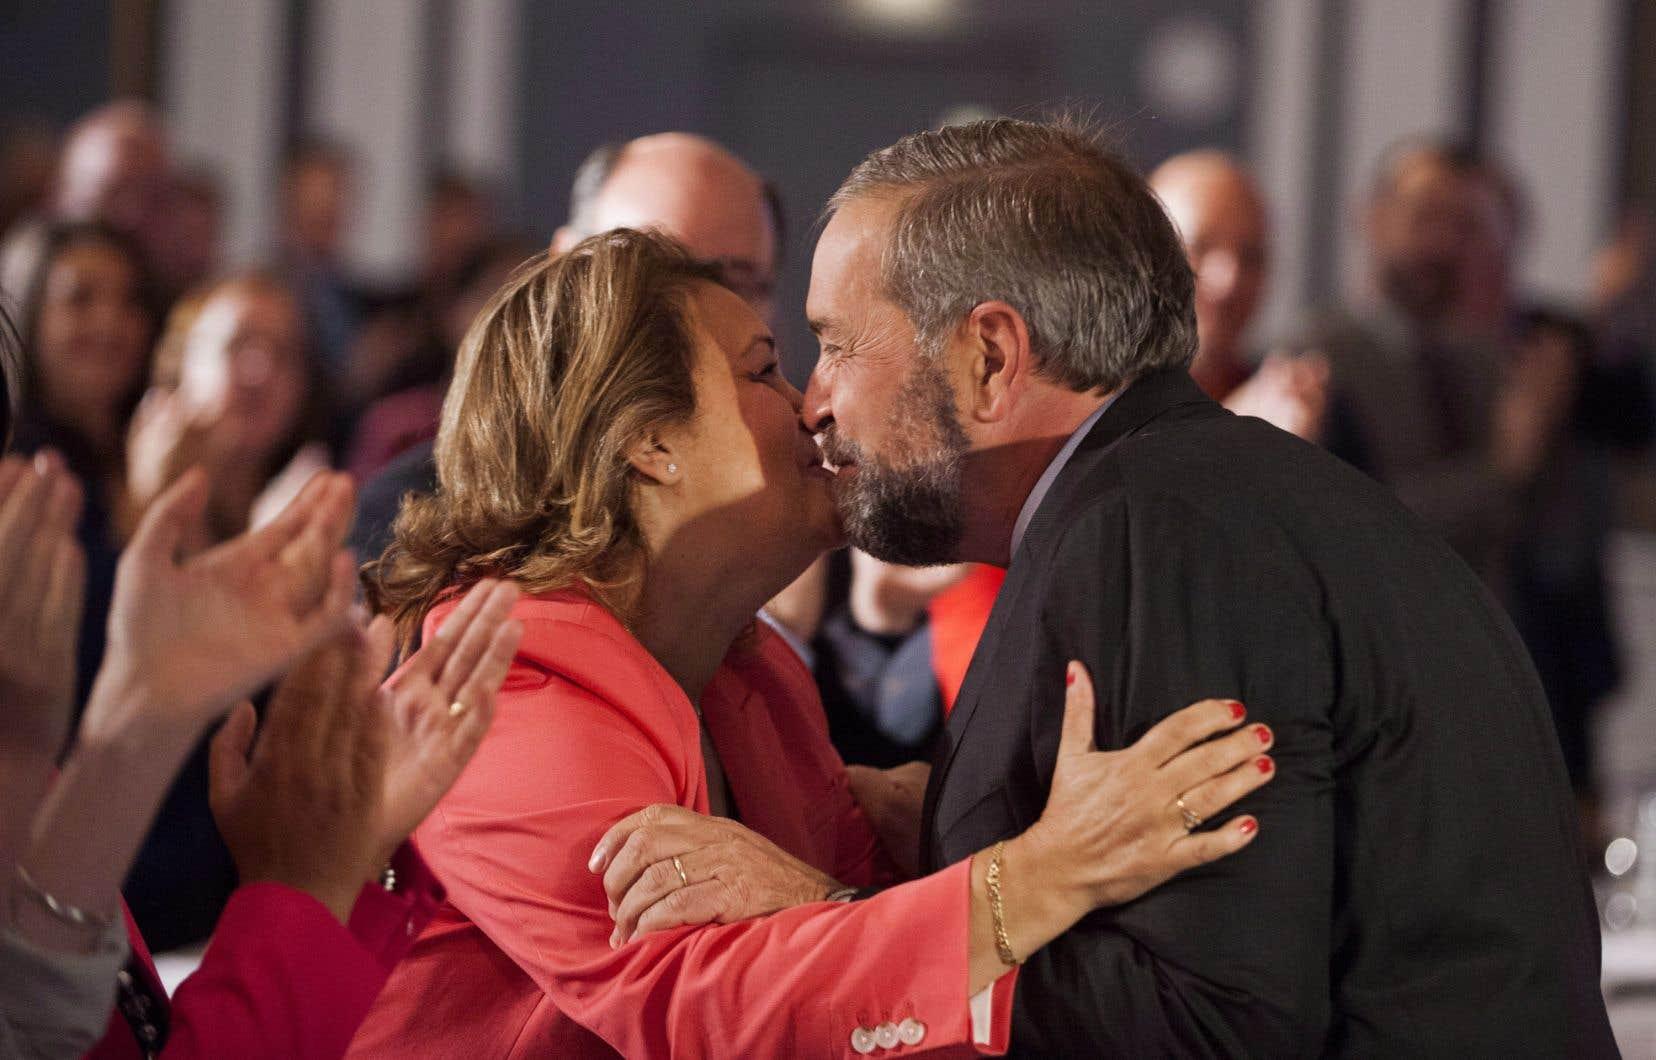 Djaouida Sellah tentera de se faire élire sous la bannière du NPD-Québec le 1er octobre prochain dans La Pinière — une circonscription recoupant à peu près celle où elle avait été élue en 2011 au fédéral, Saint-Bruno–Saint-Hubert.